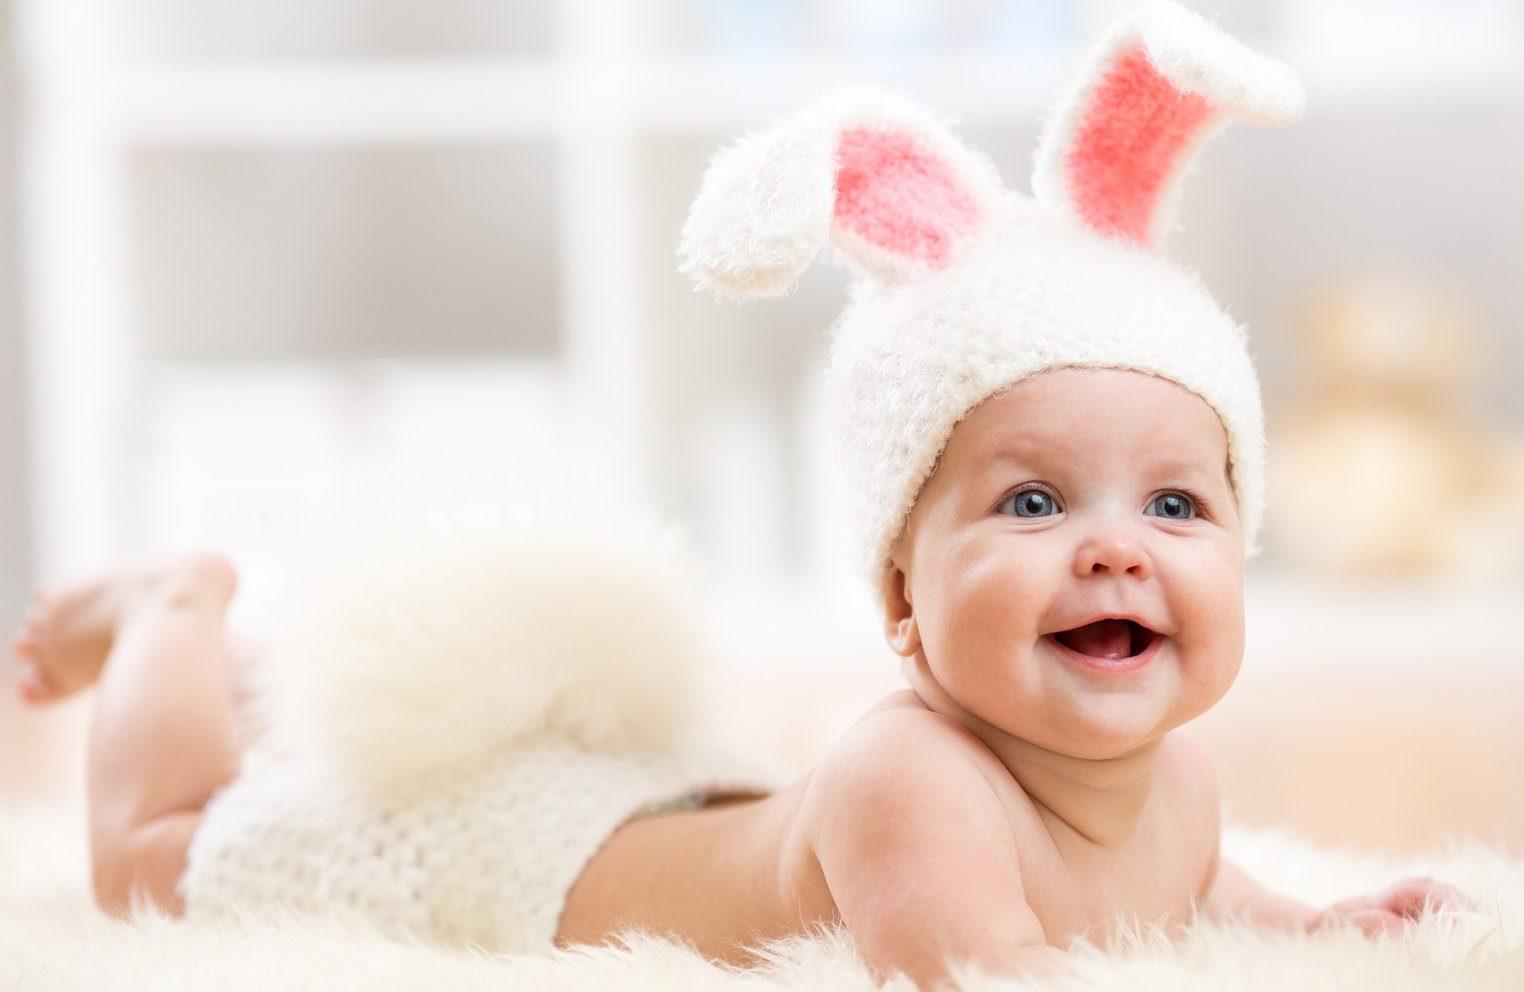 Улыбающийся младенец картинки